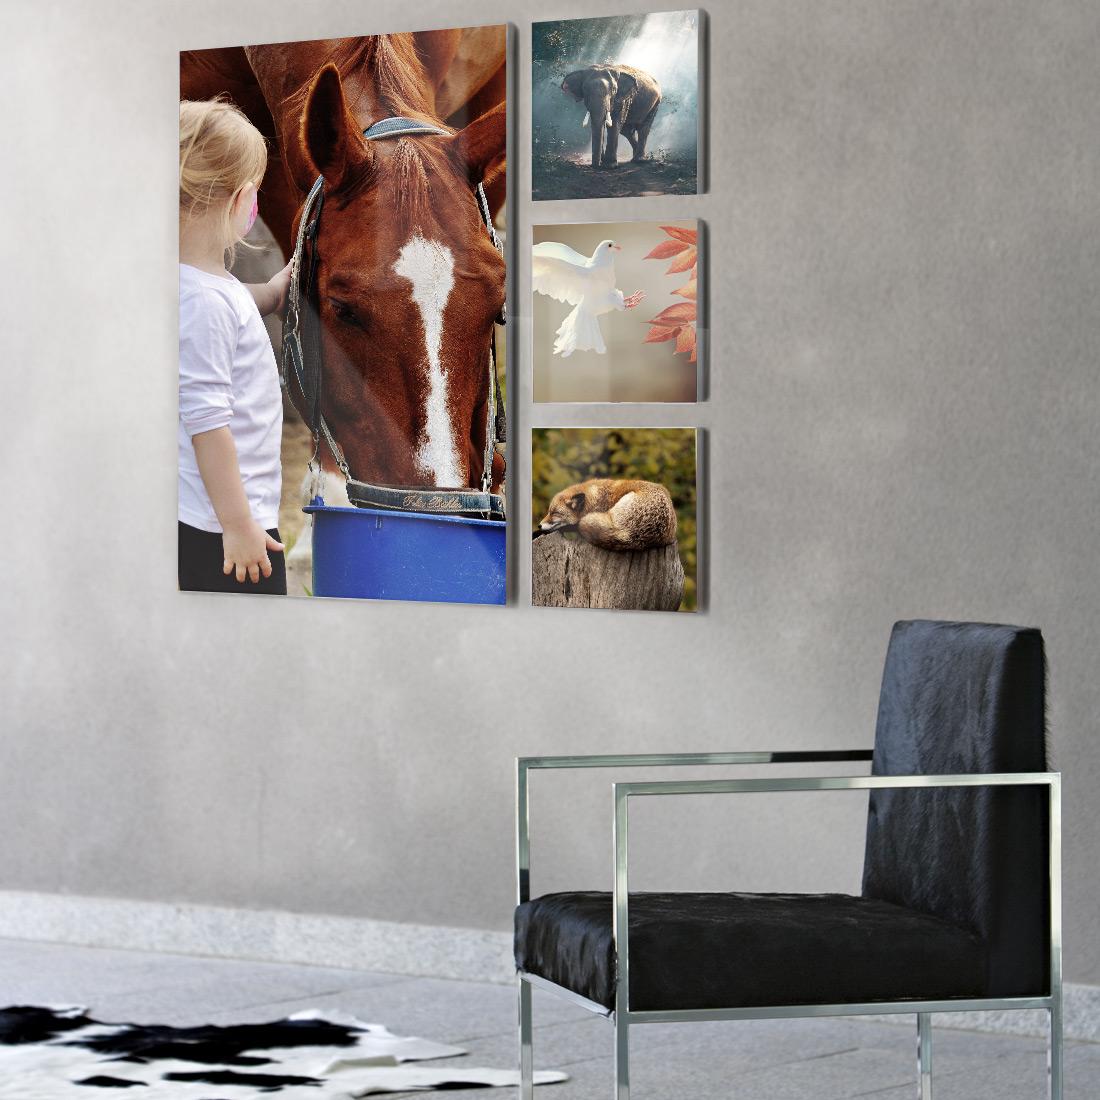 fotografía decoración pared